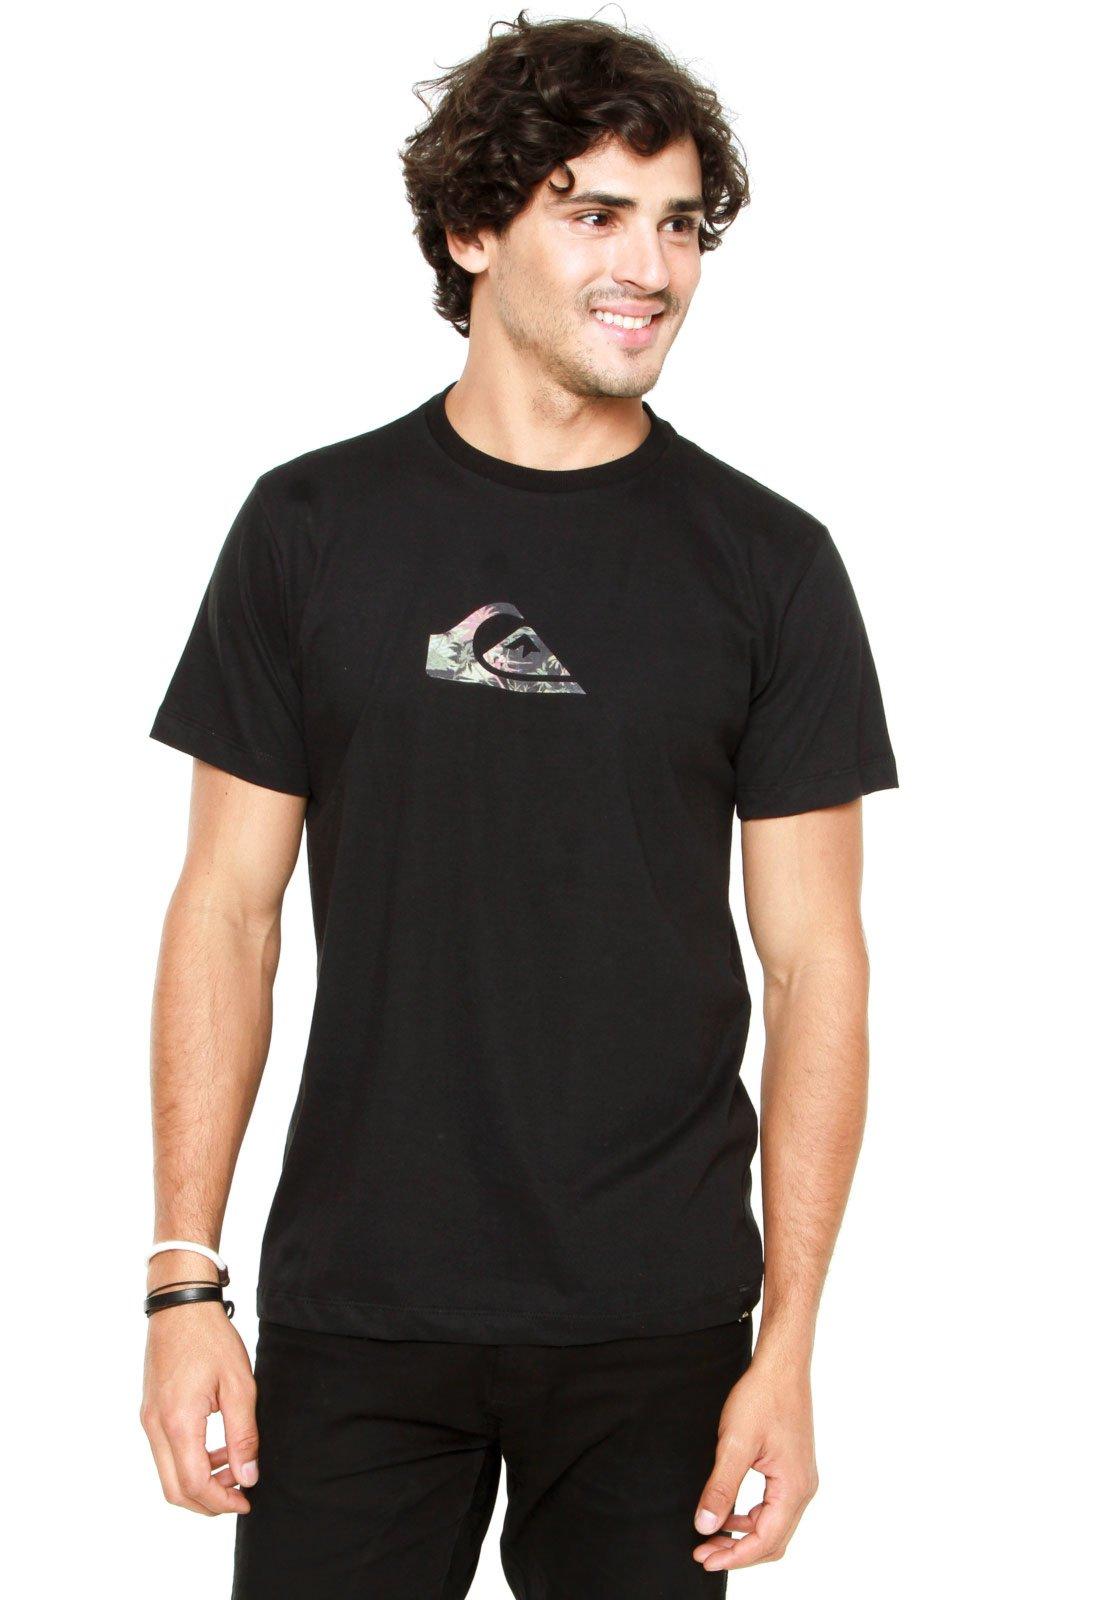 0a32338e75605 Camiseta Quiksilver Slim Fit Logo Vice P Preta - Compre Agora ...